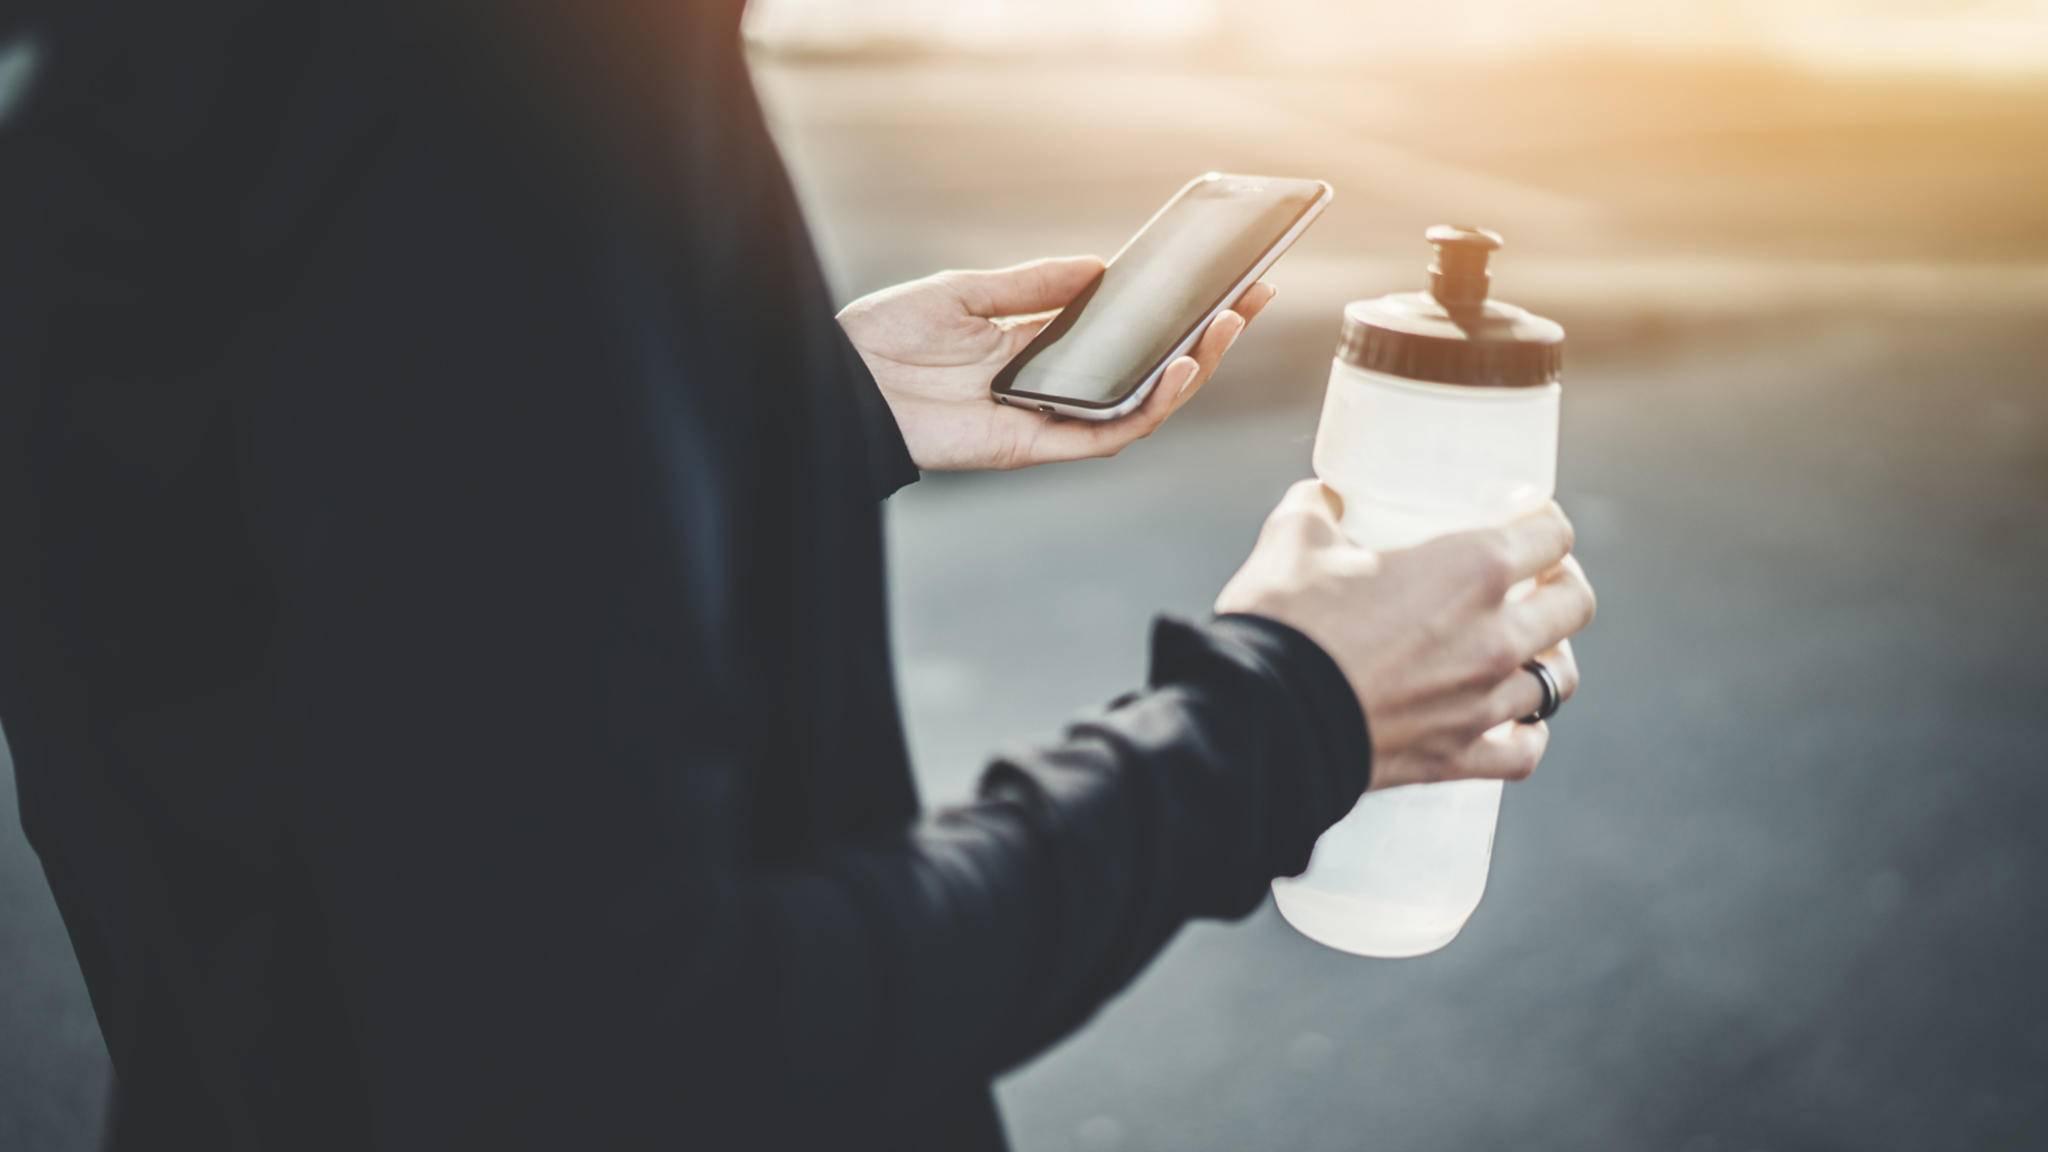 frau smartphone wasserflasche